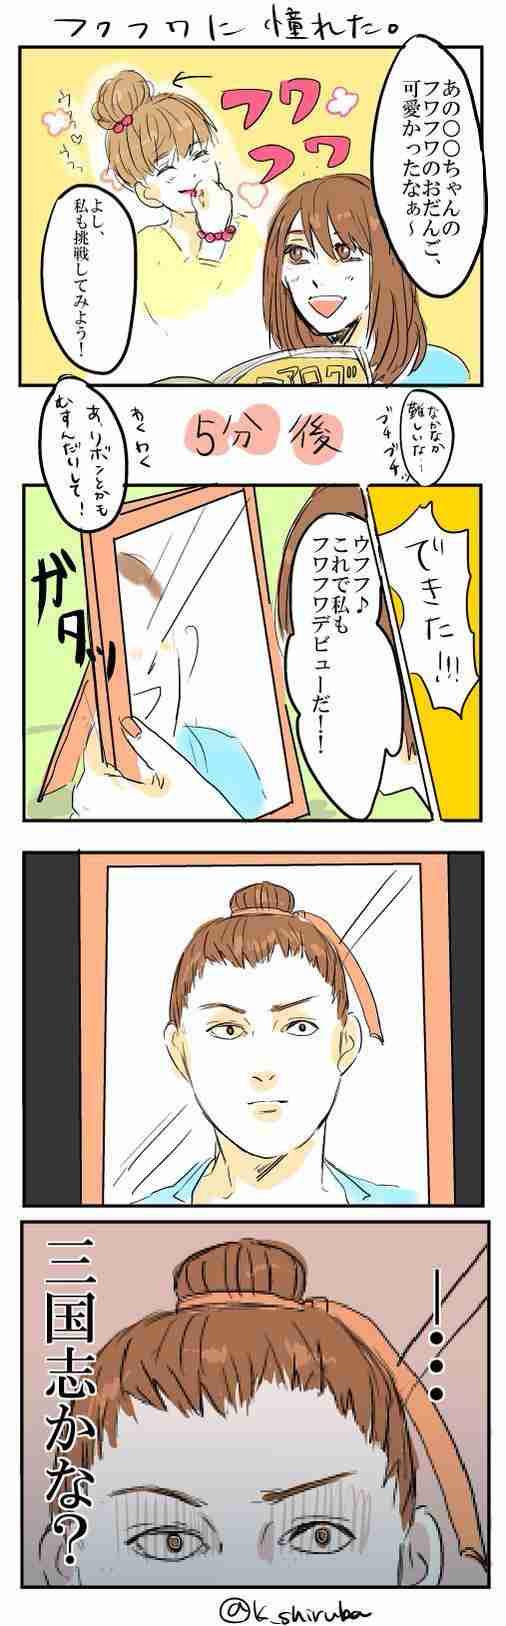 """冬に必須のまとめ髪 進化系お団子""""メッシーバン""""をゴム1本で作る!"""